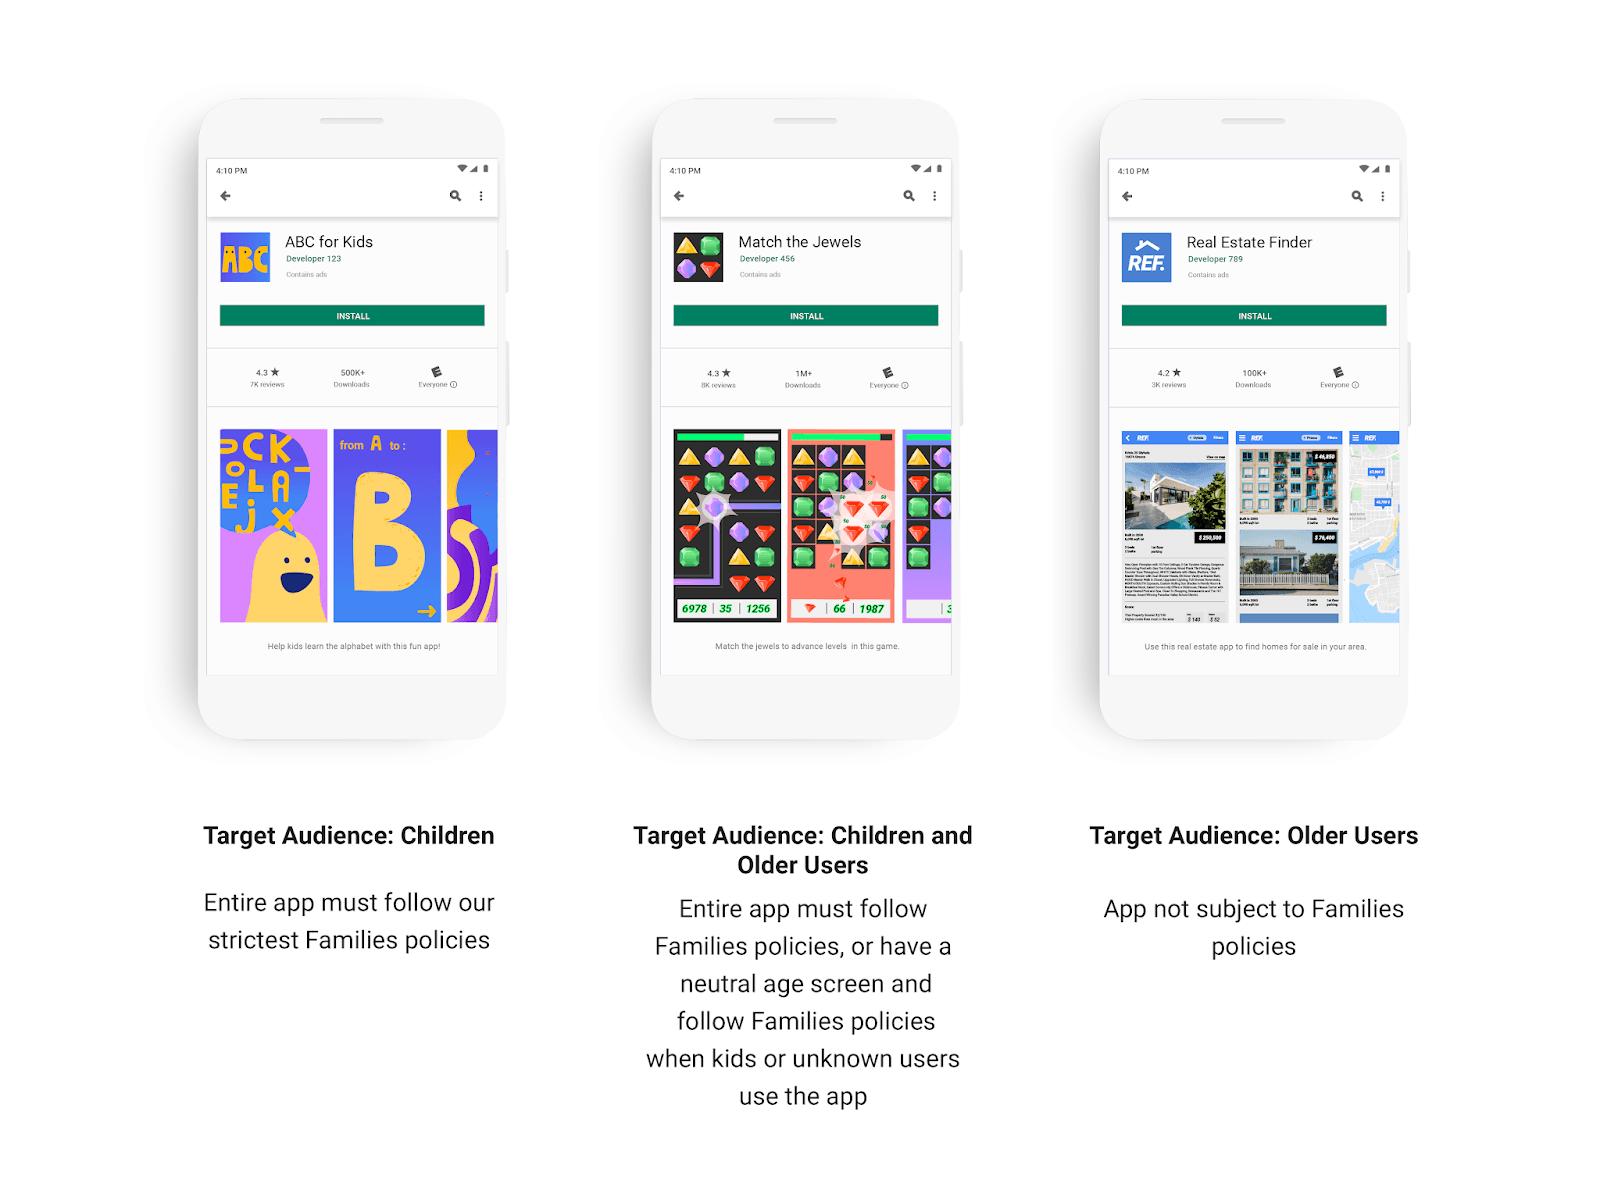 Nie będzie się już dało kupić marihuany przez aplikację ze sklepu Google Play 21